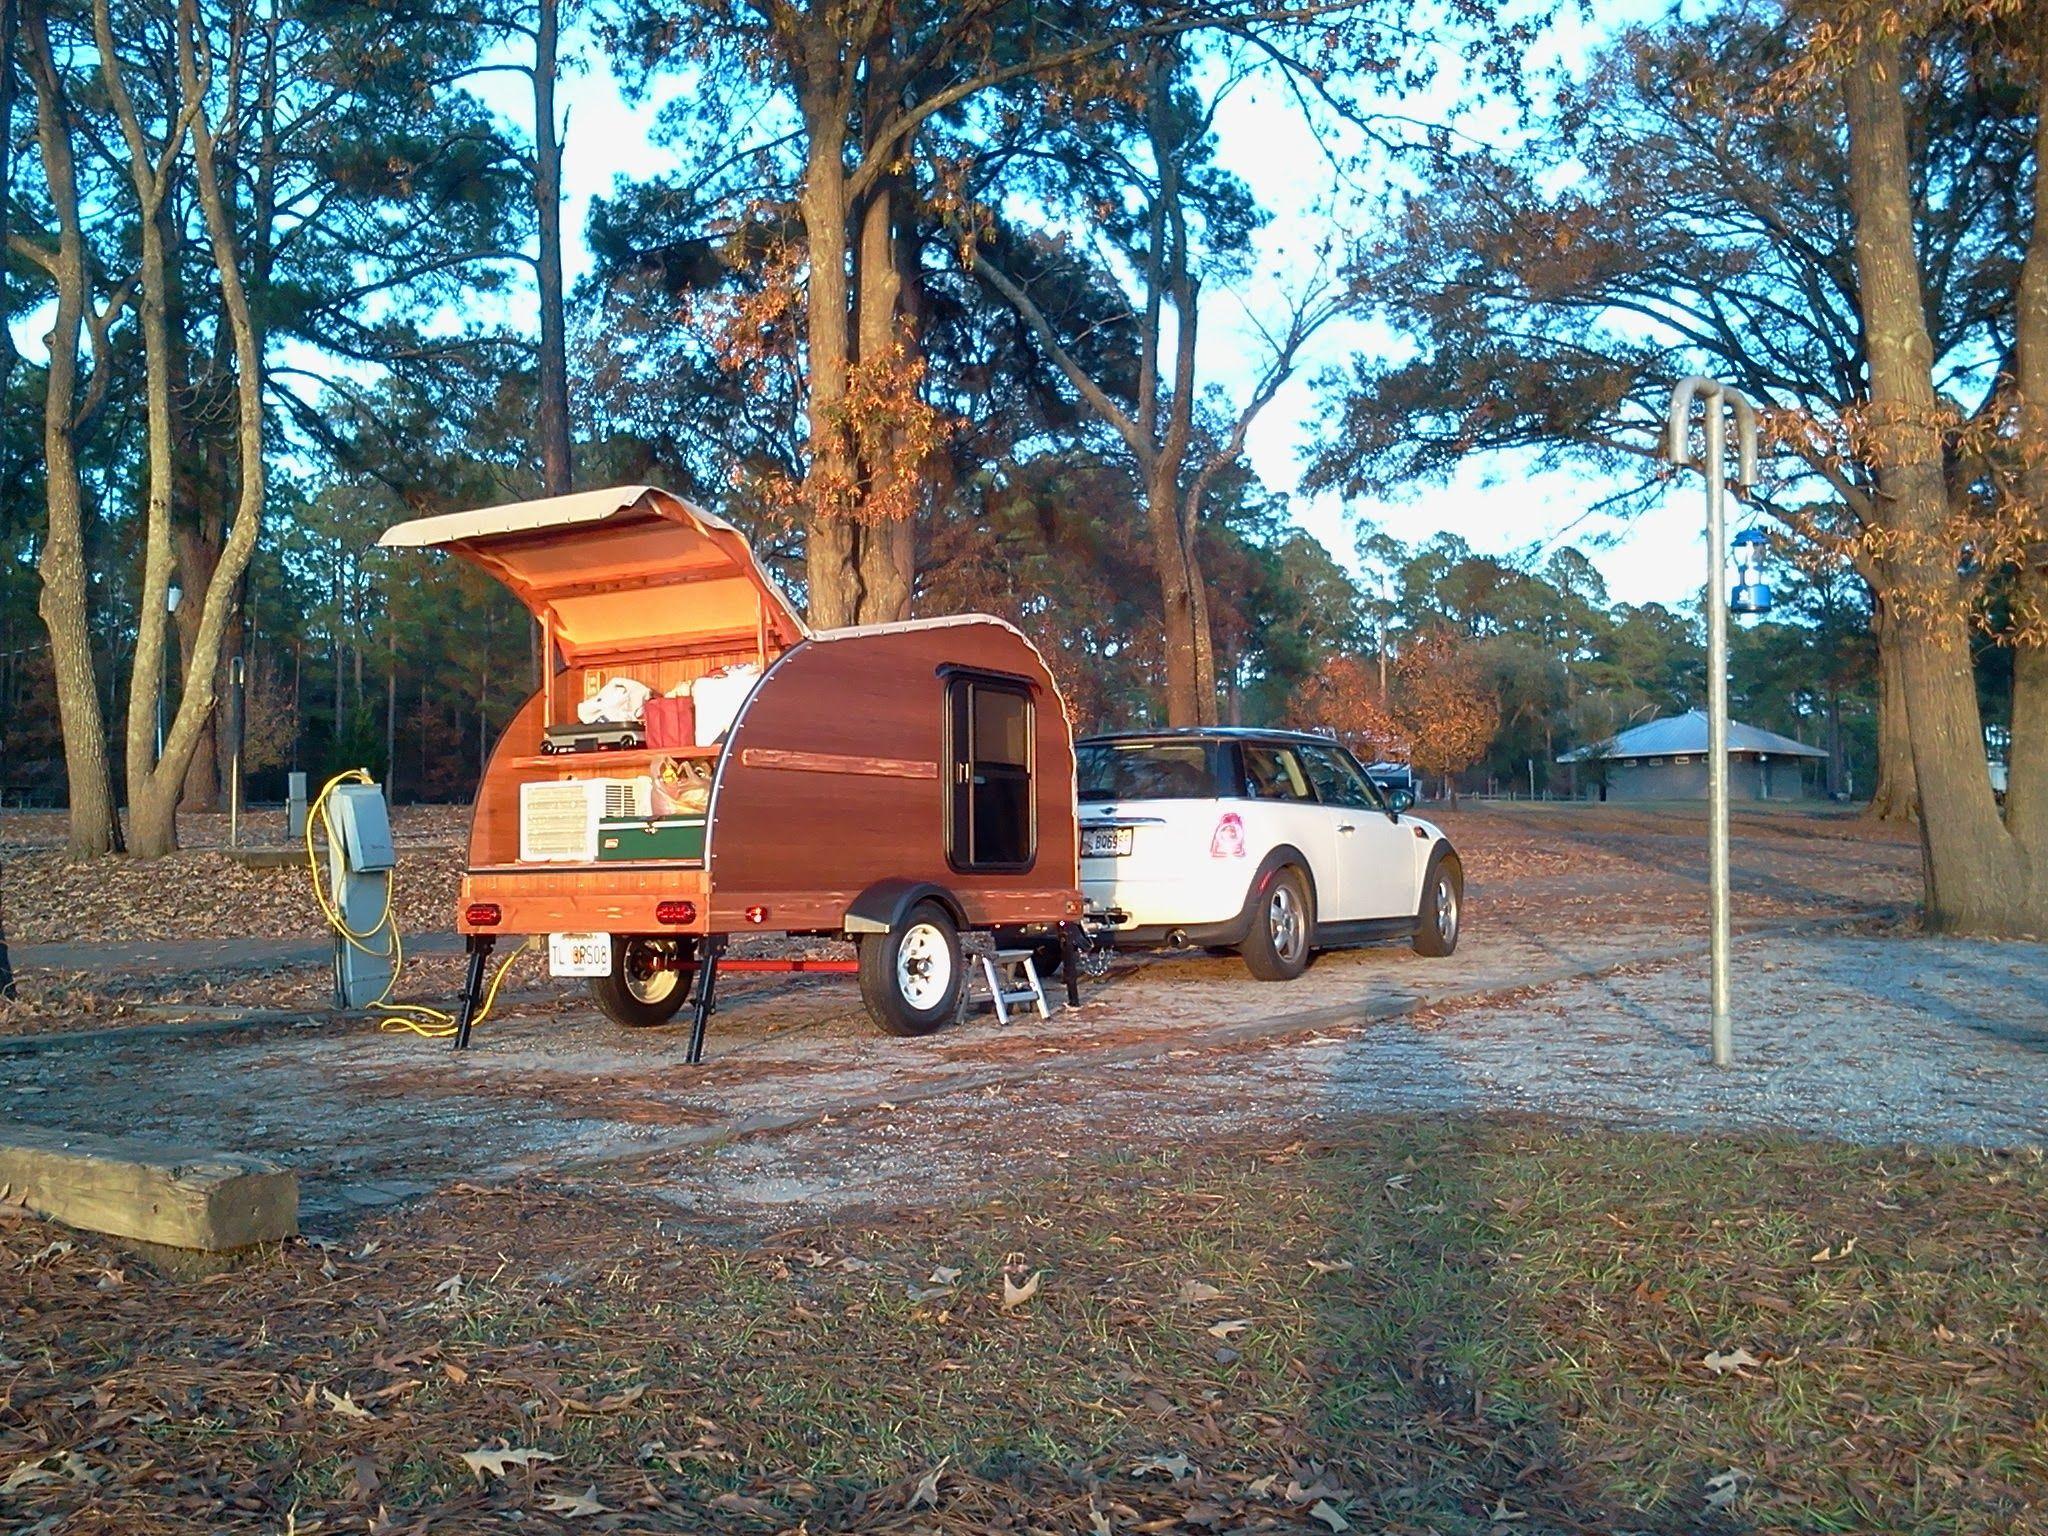 Yong Caroline winter camping in Florida! | Teardrop camper ...